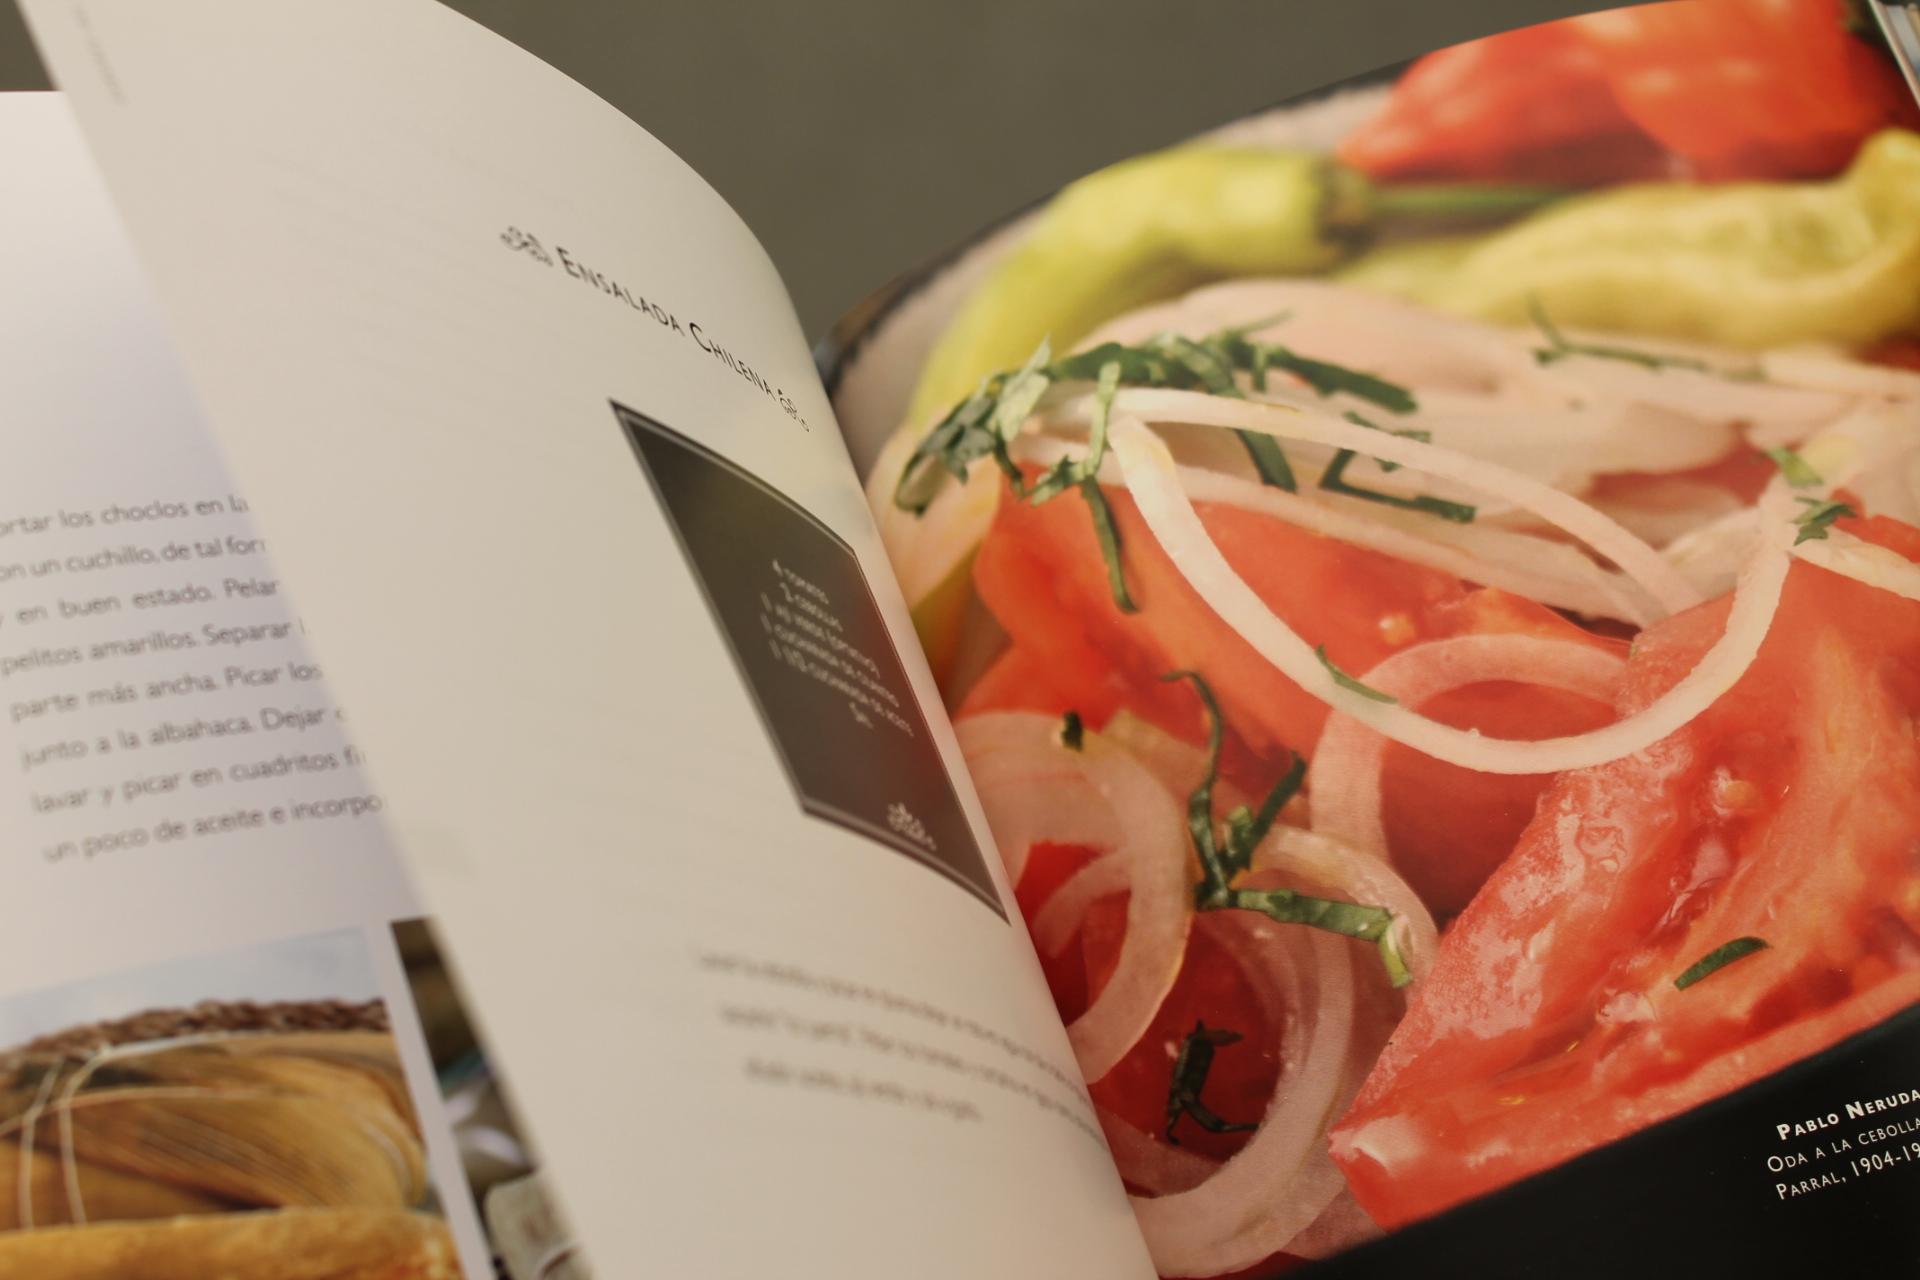 Gastronomía patrimonial del Maule